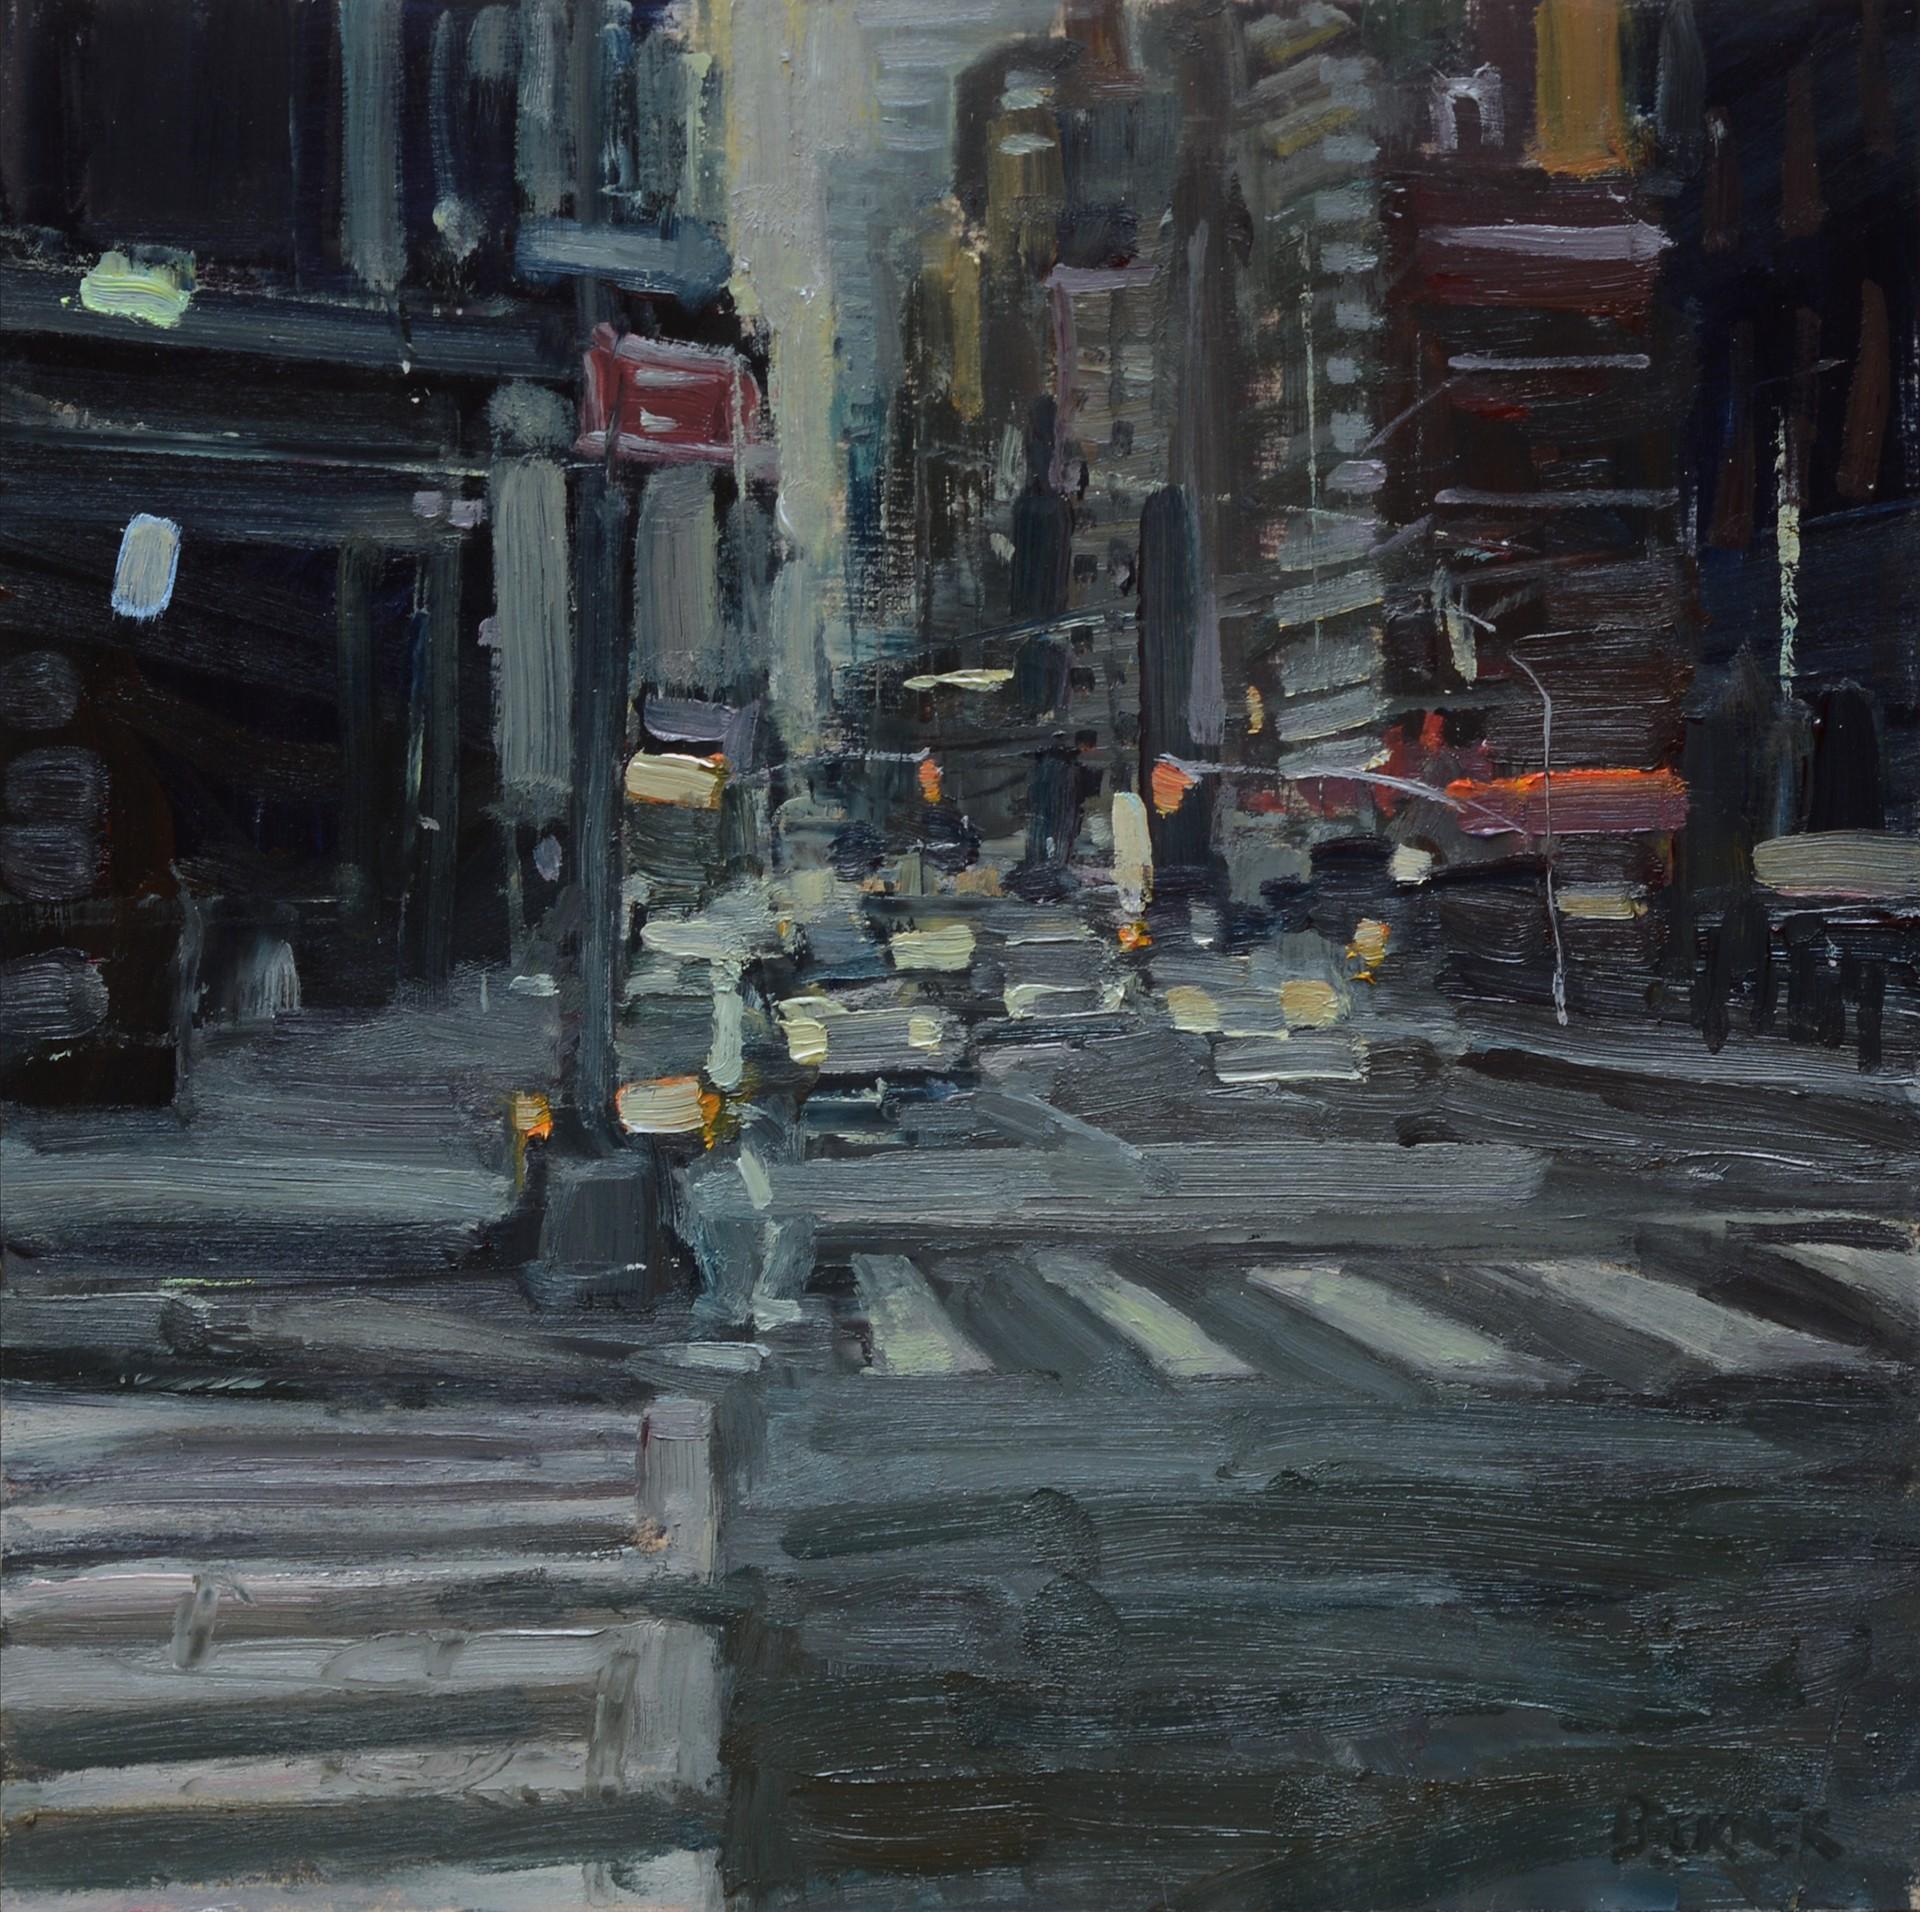 City #5 by Jim Beckner